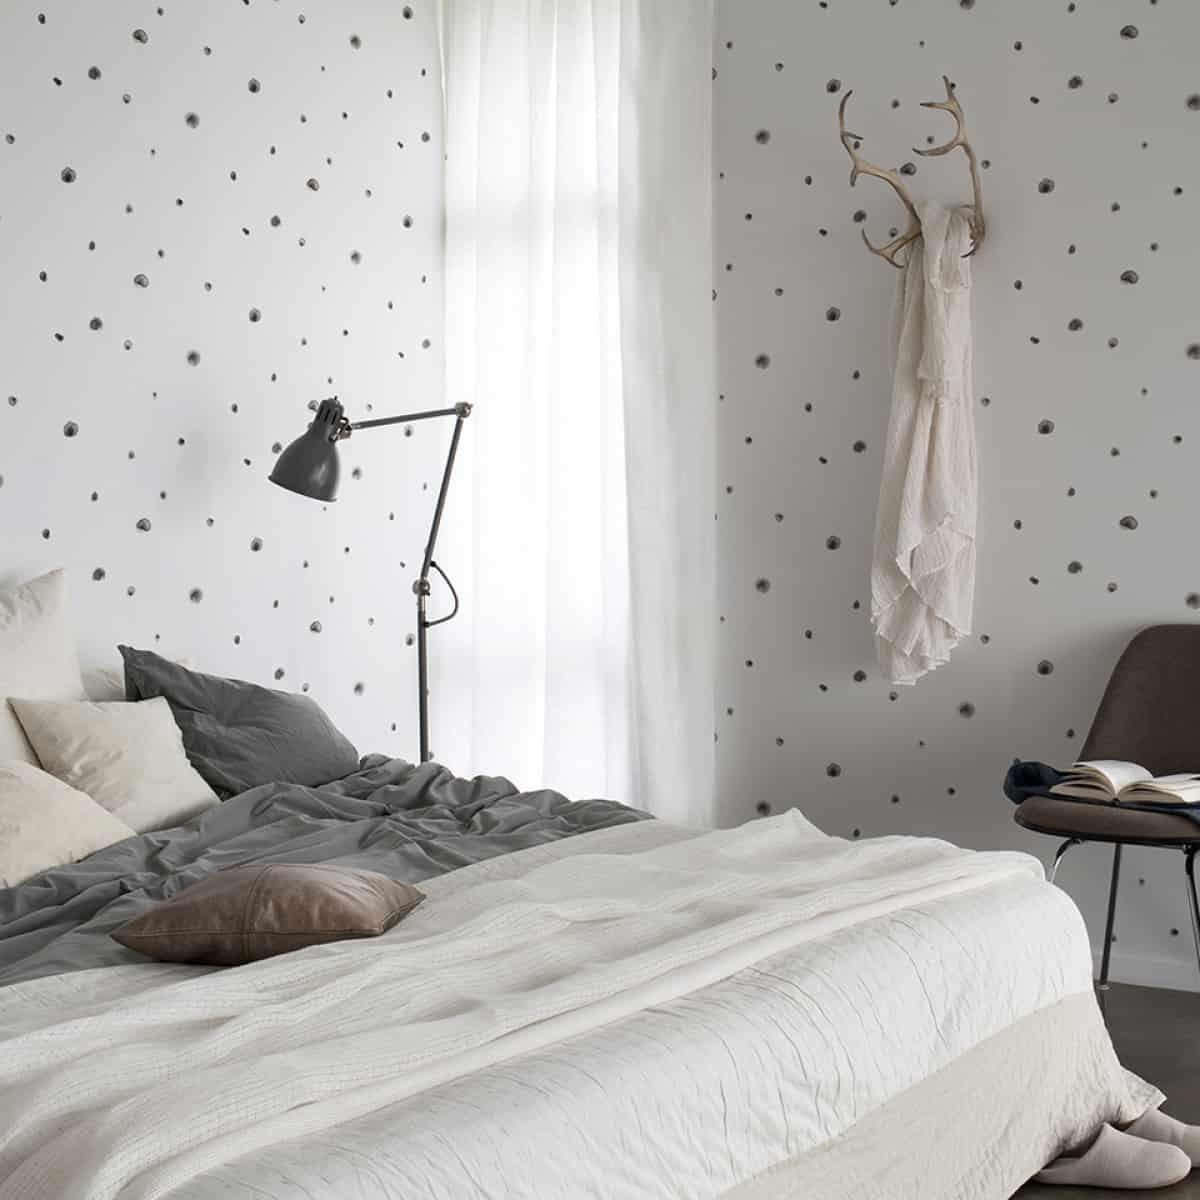 спальня украшена белыми обоями и серых тонов, с бело-серой двуспальной кроватью, серым полом и коричнево-черными элементами декора